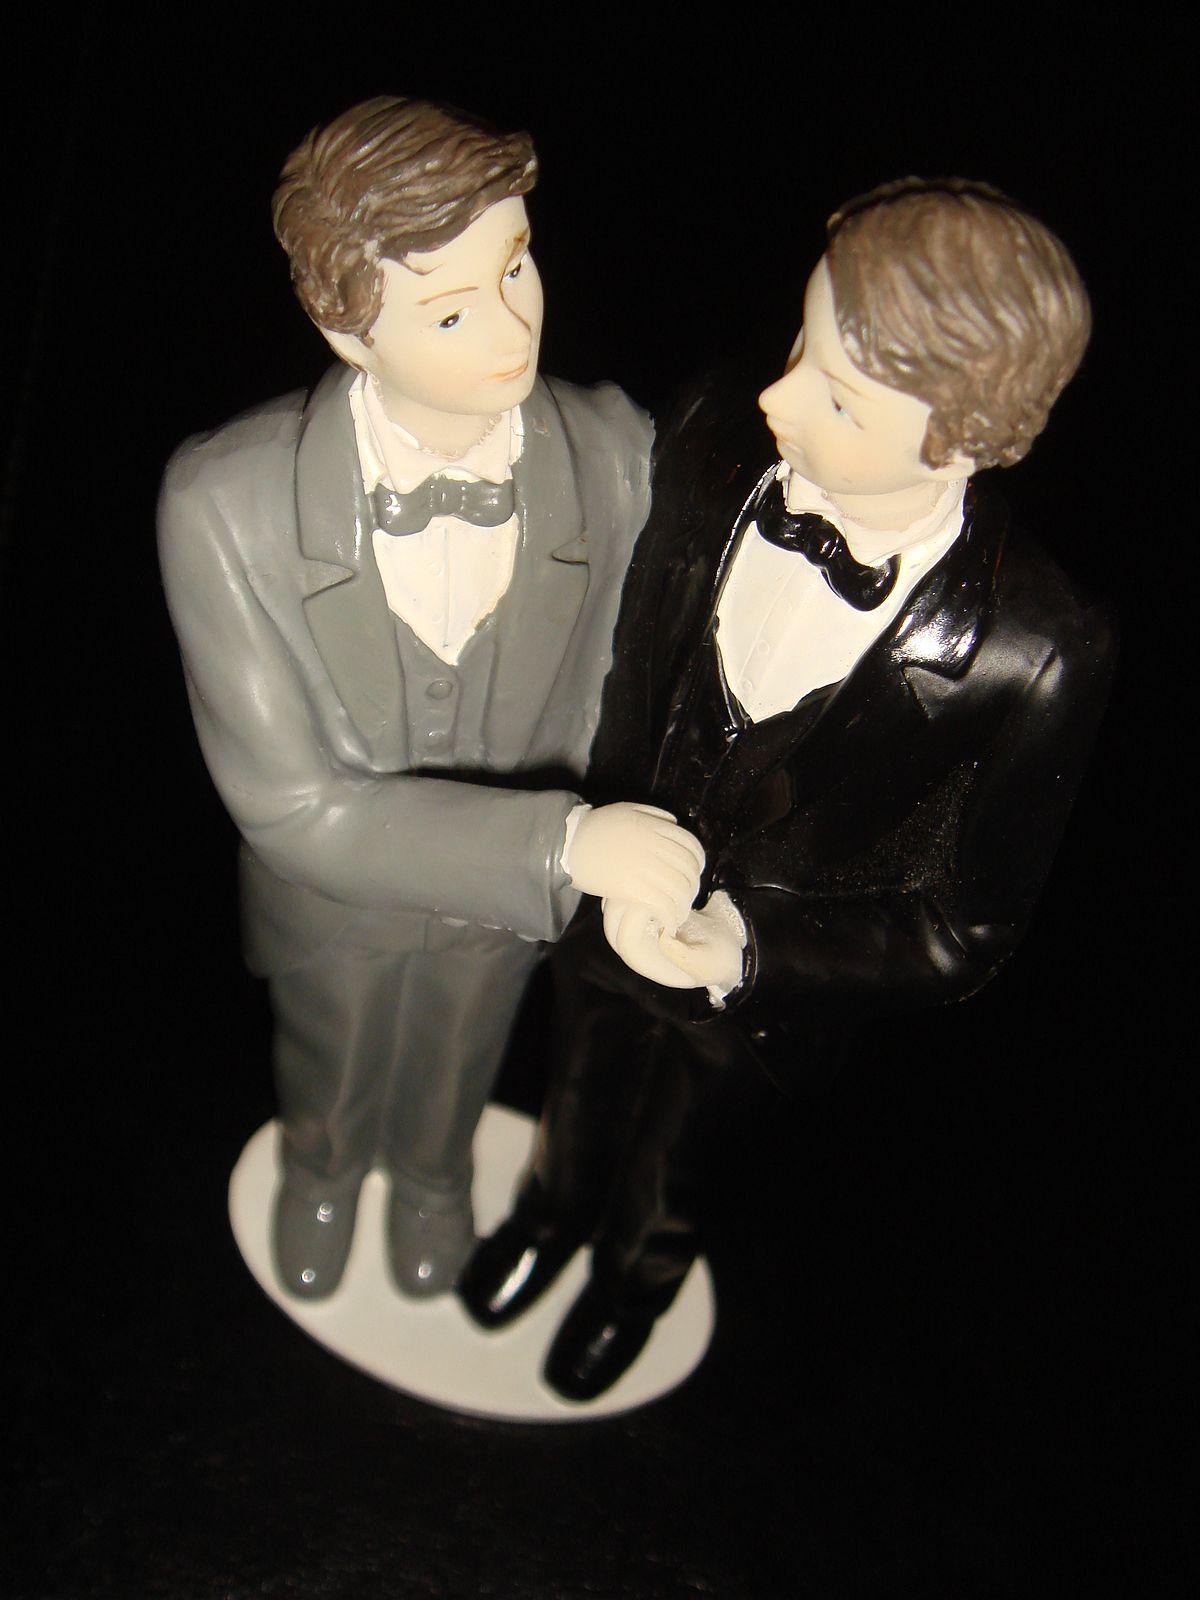 Frasi Matrimonio Tra Donne.Matrimonio Tra Persone Dello Stesso Sesso Wikiquote